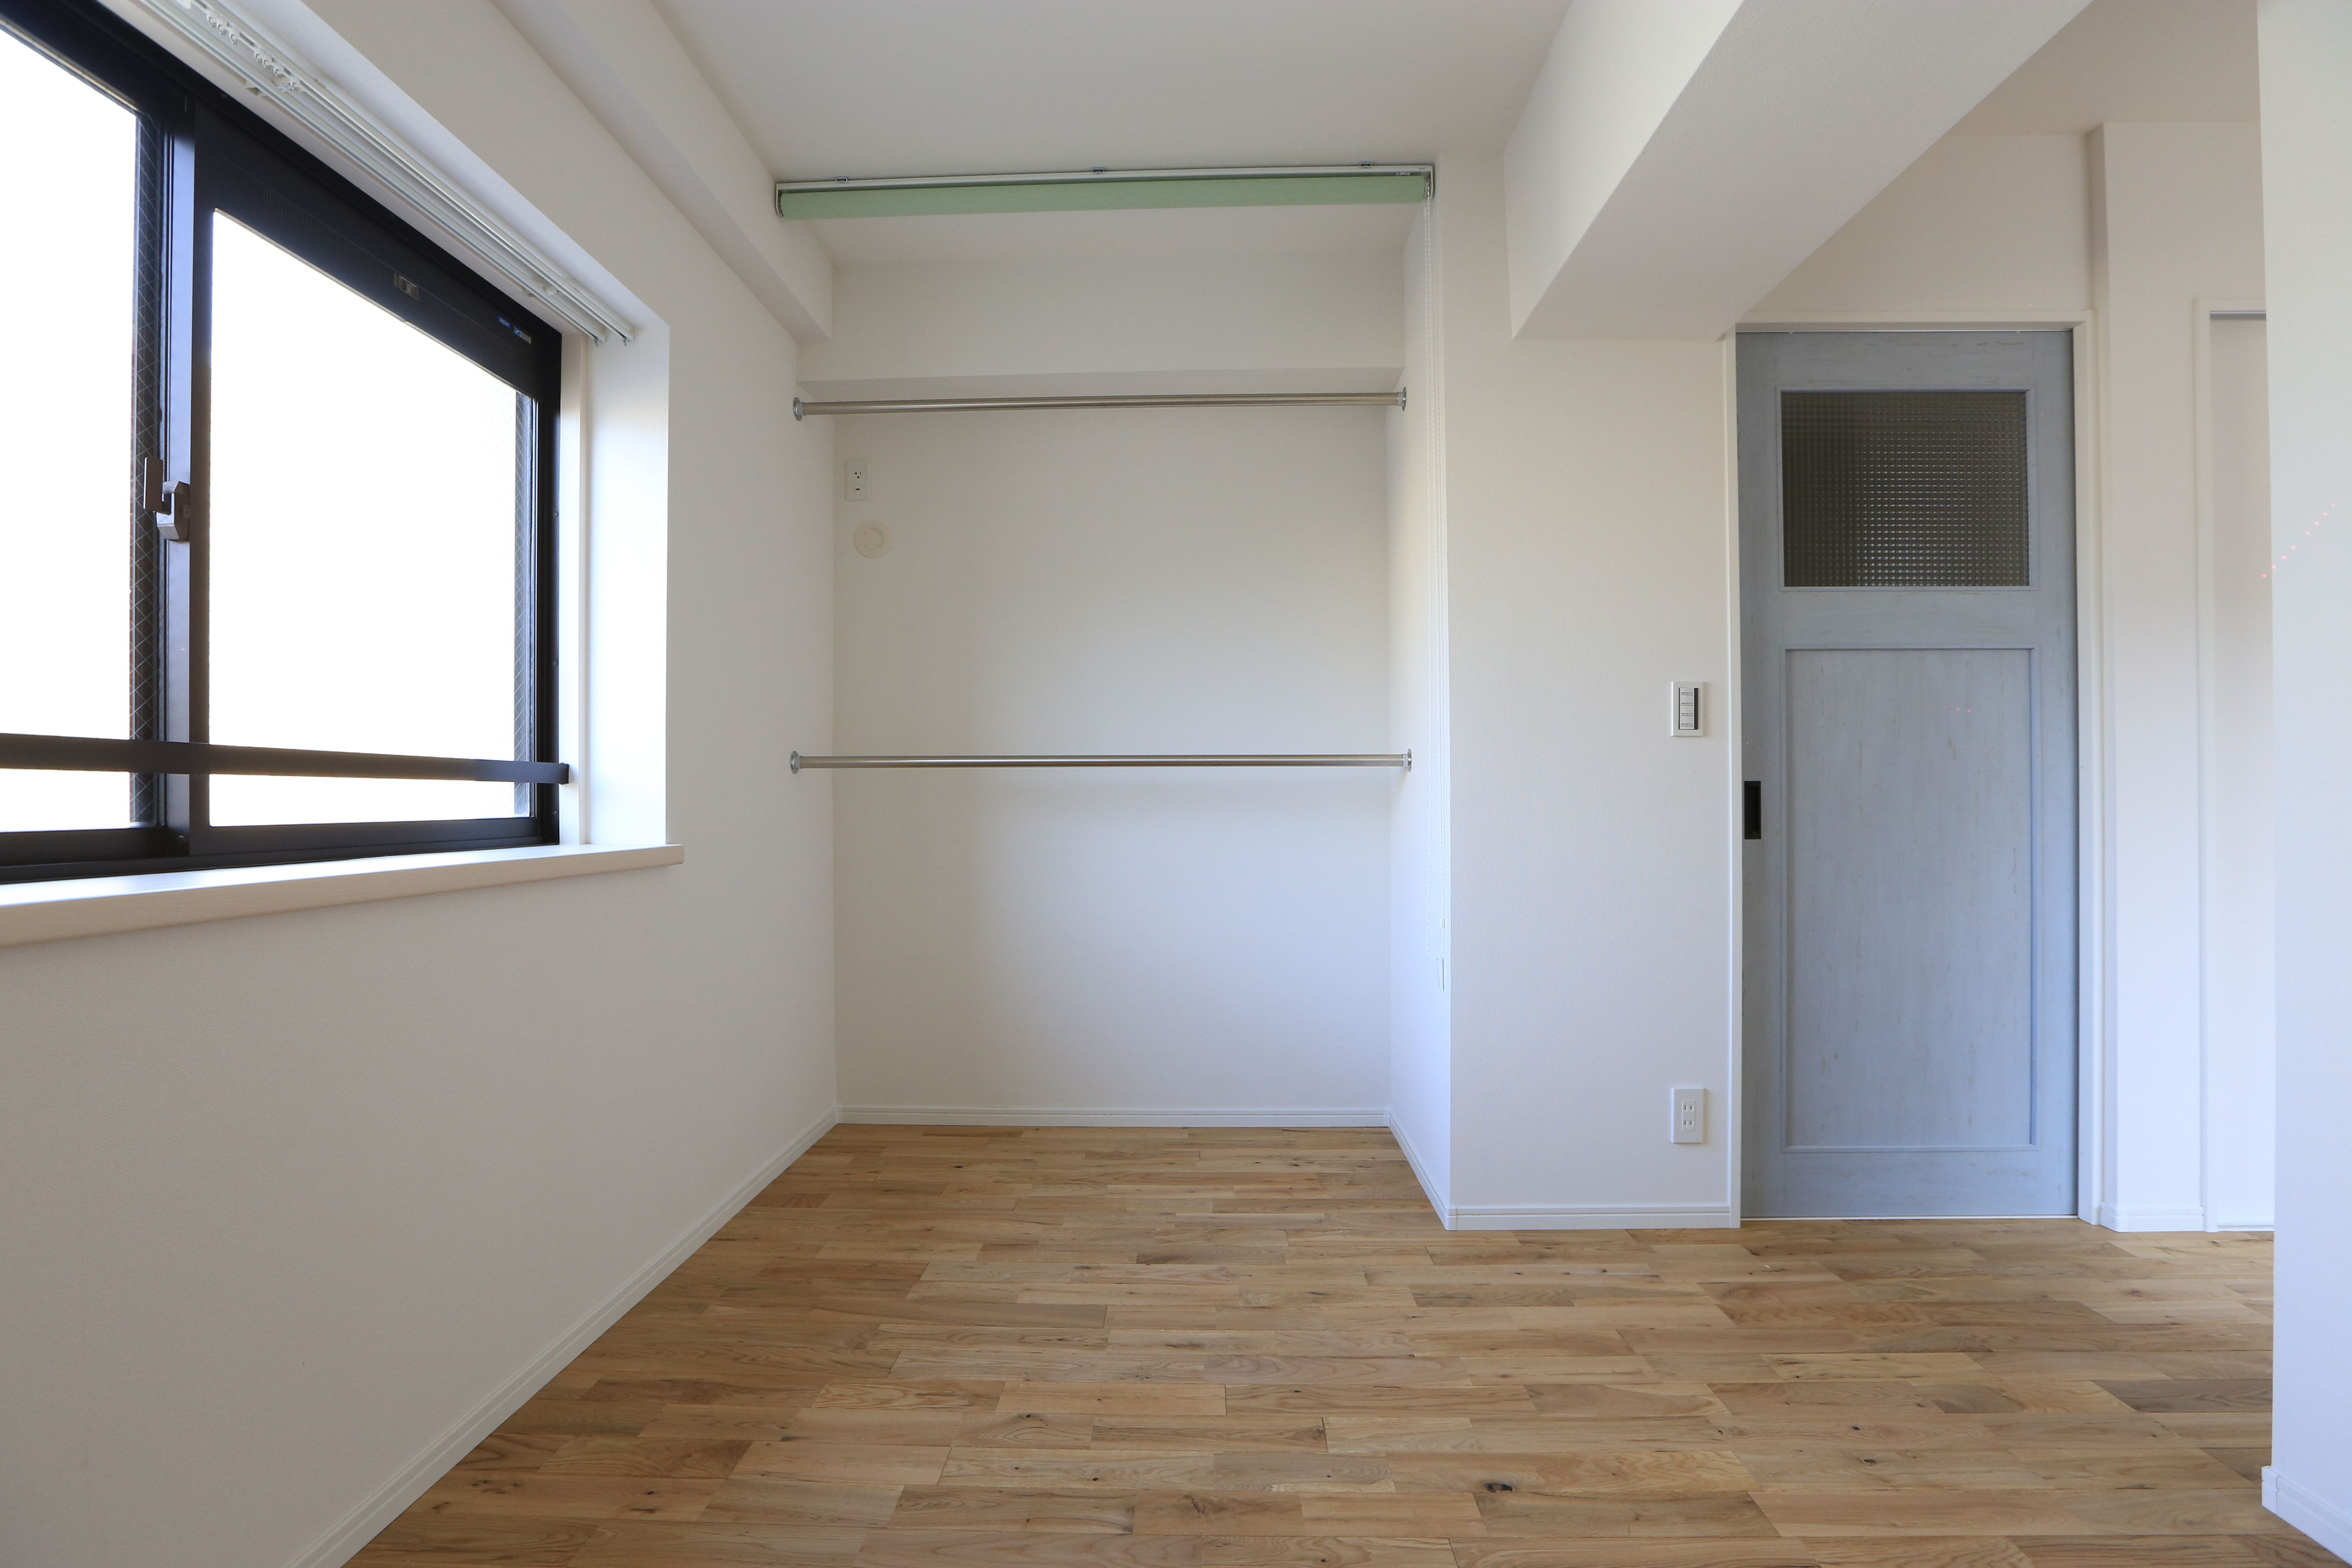 洋室になります よく見てもらうとハンガーパイプがあって収納できるスペースがあるのですが 隠せる様にロールスクリーンを設置してあります 洋室 寝室 収納 ハンガーパイプ ロールスクリーン リノベーション 横浜リノベーション 洋室 リノベーション